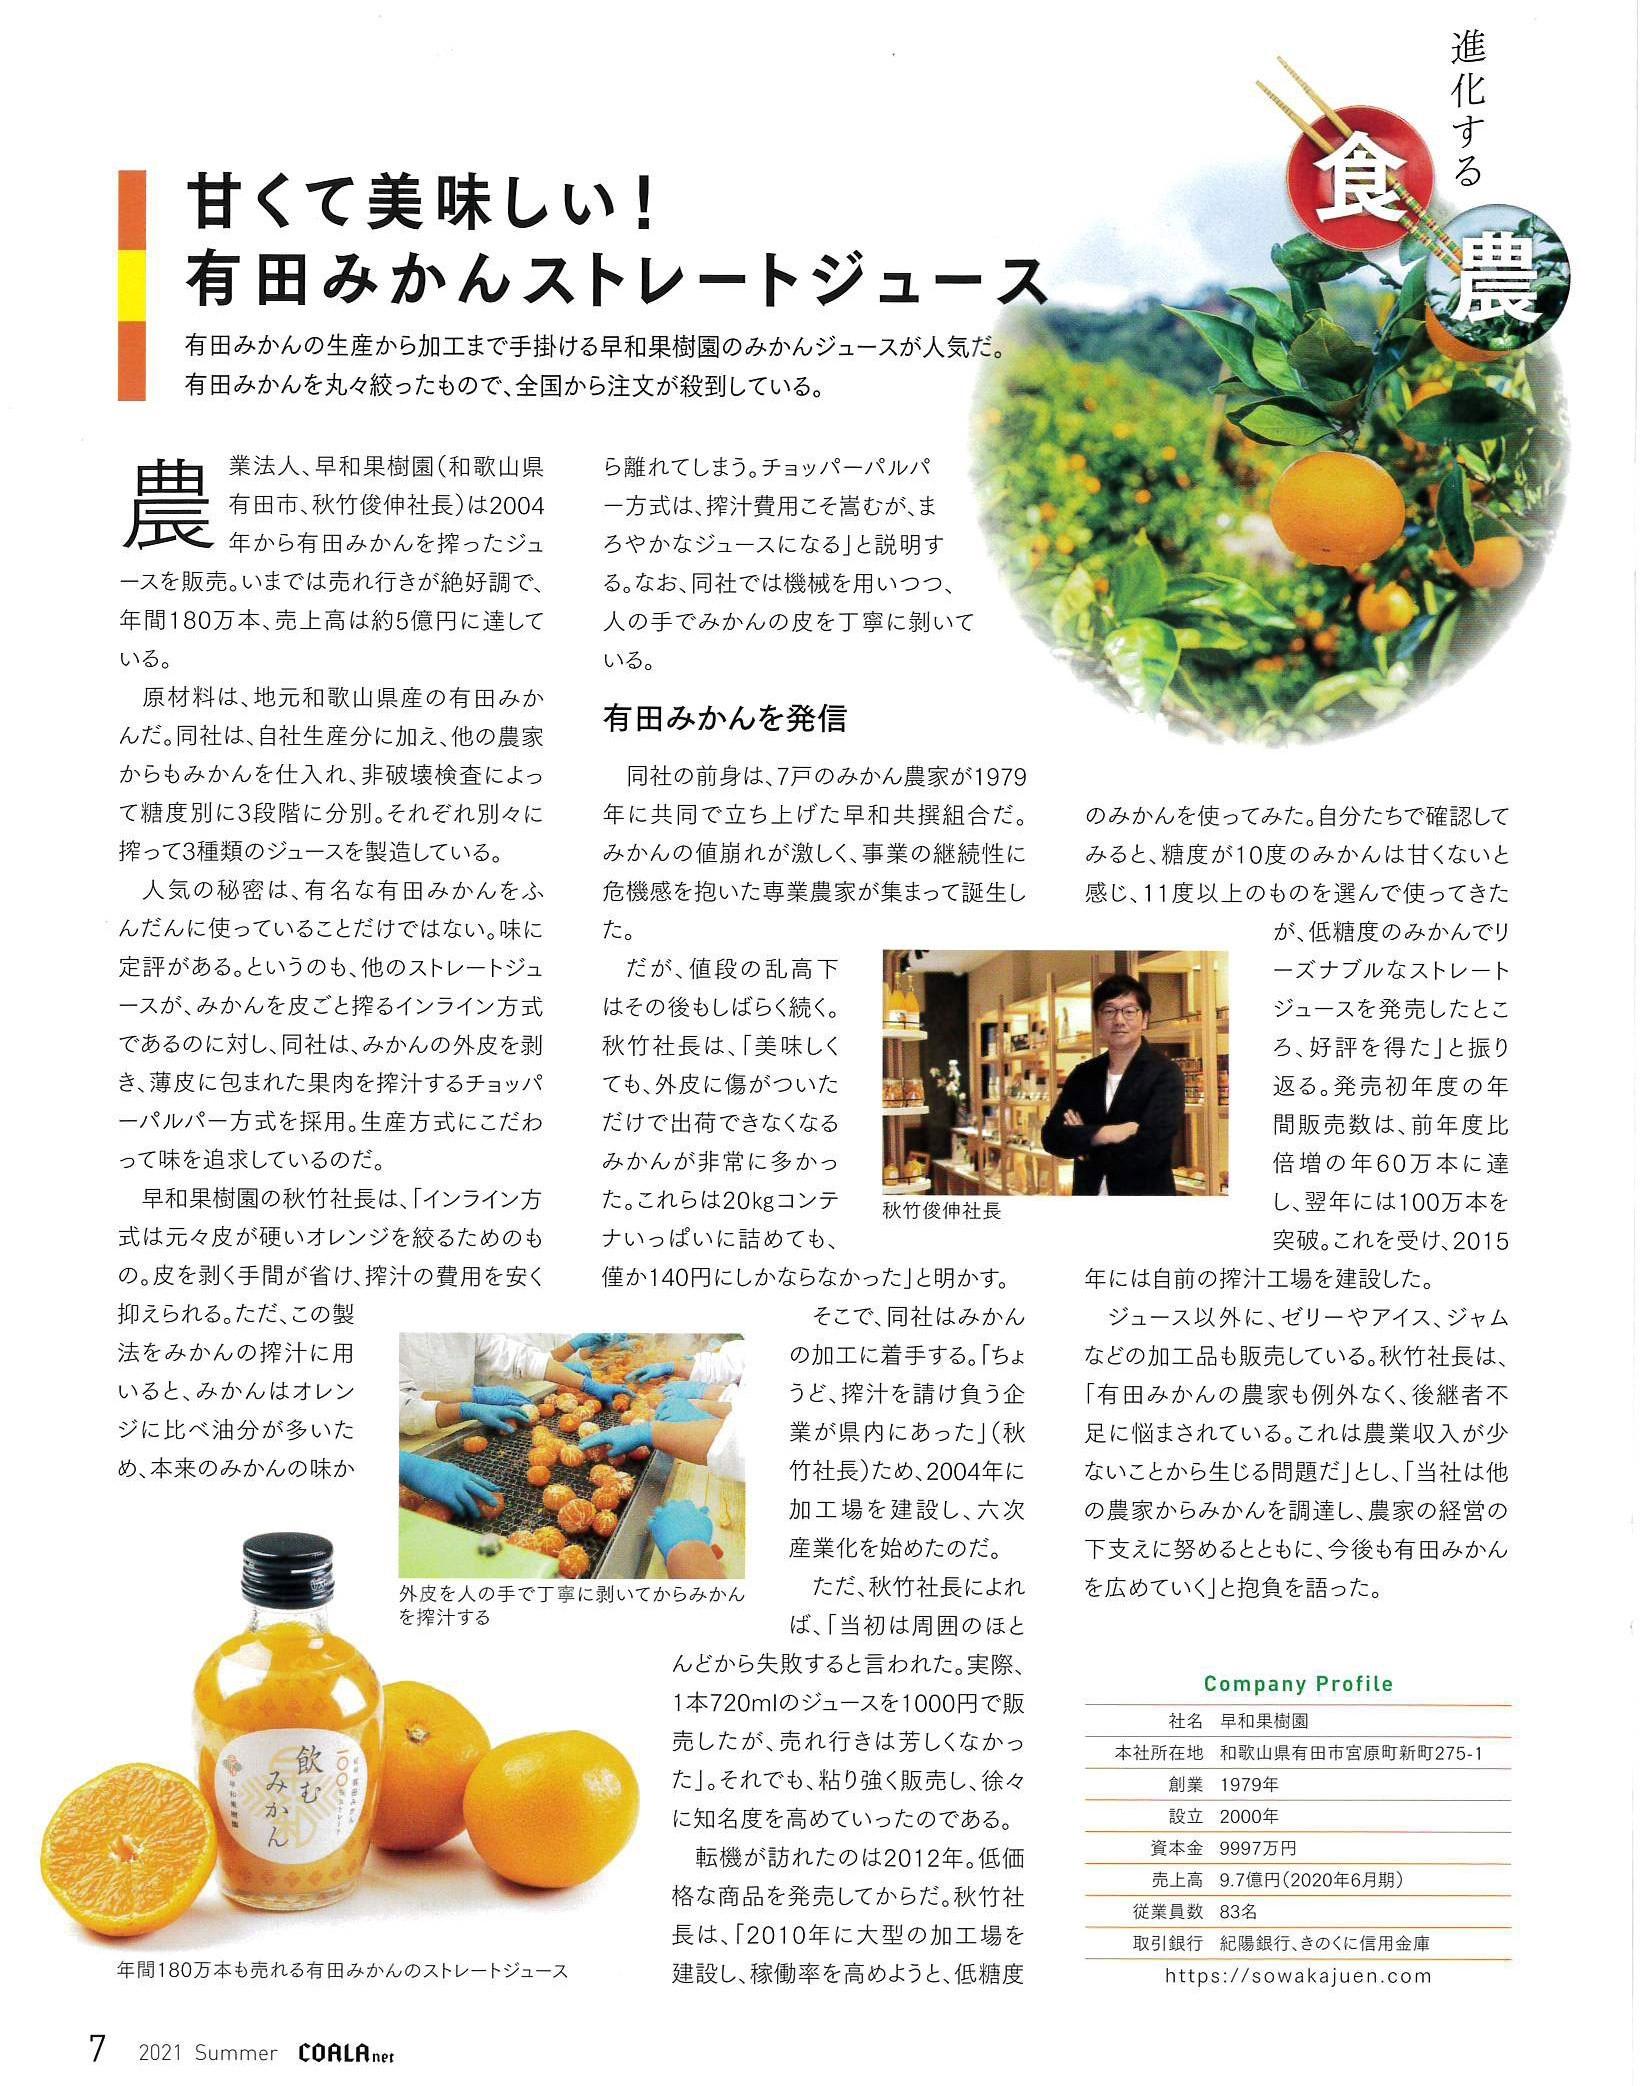 早和果樹園紹介ページはこちら(p.7)